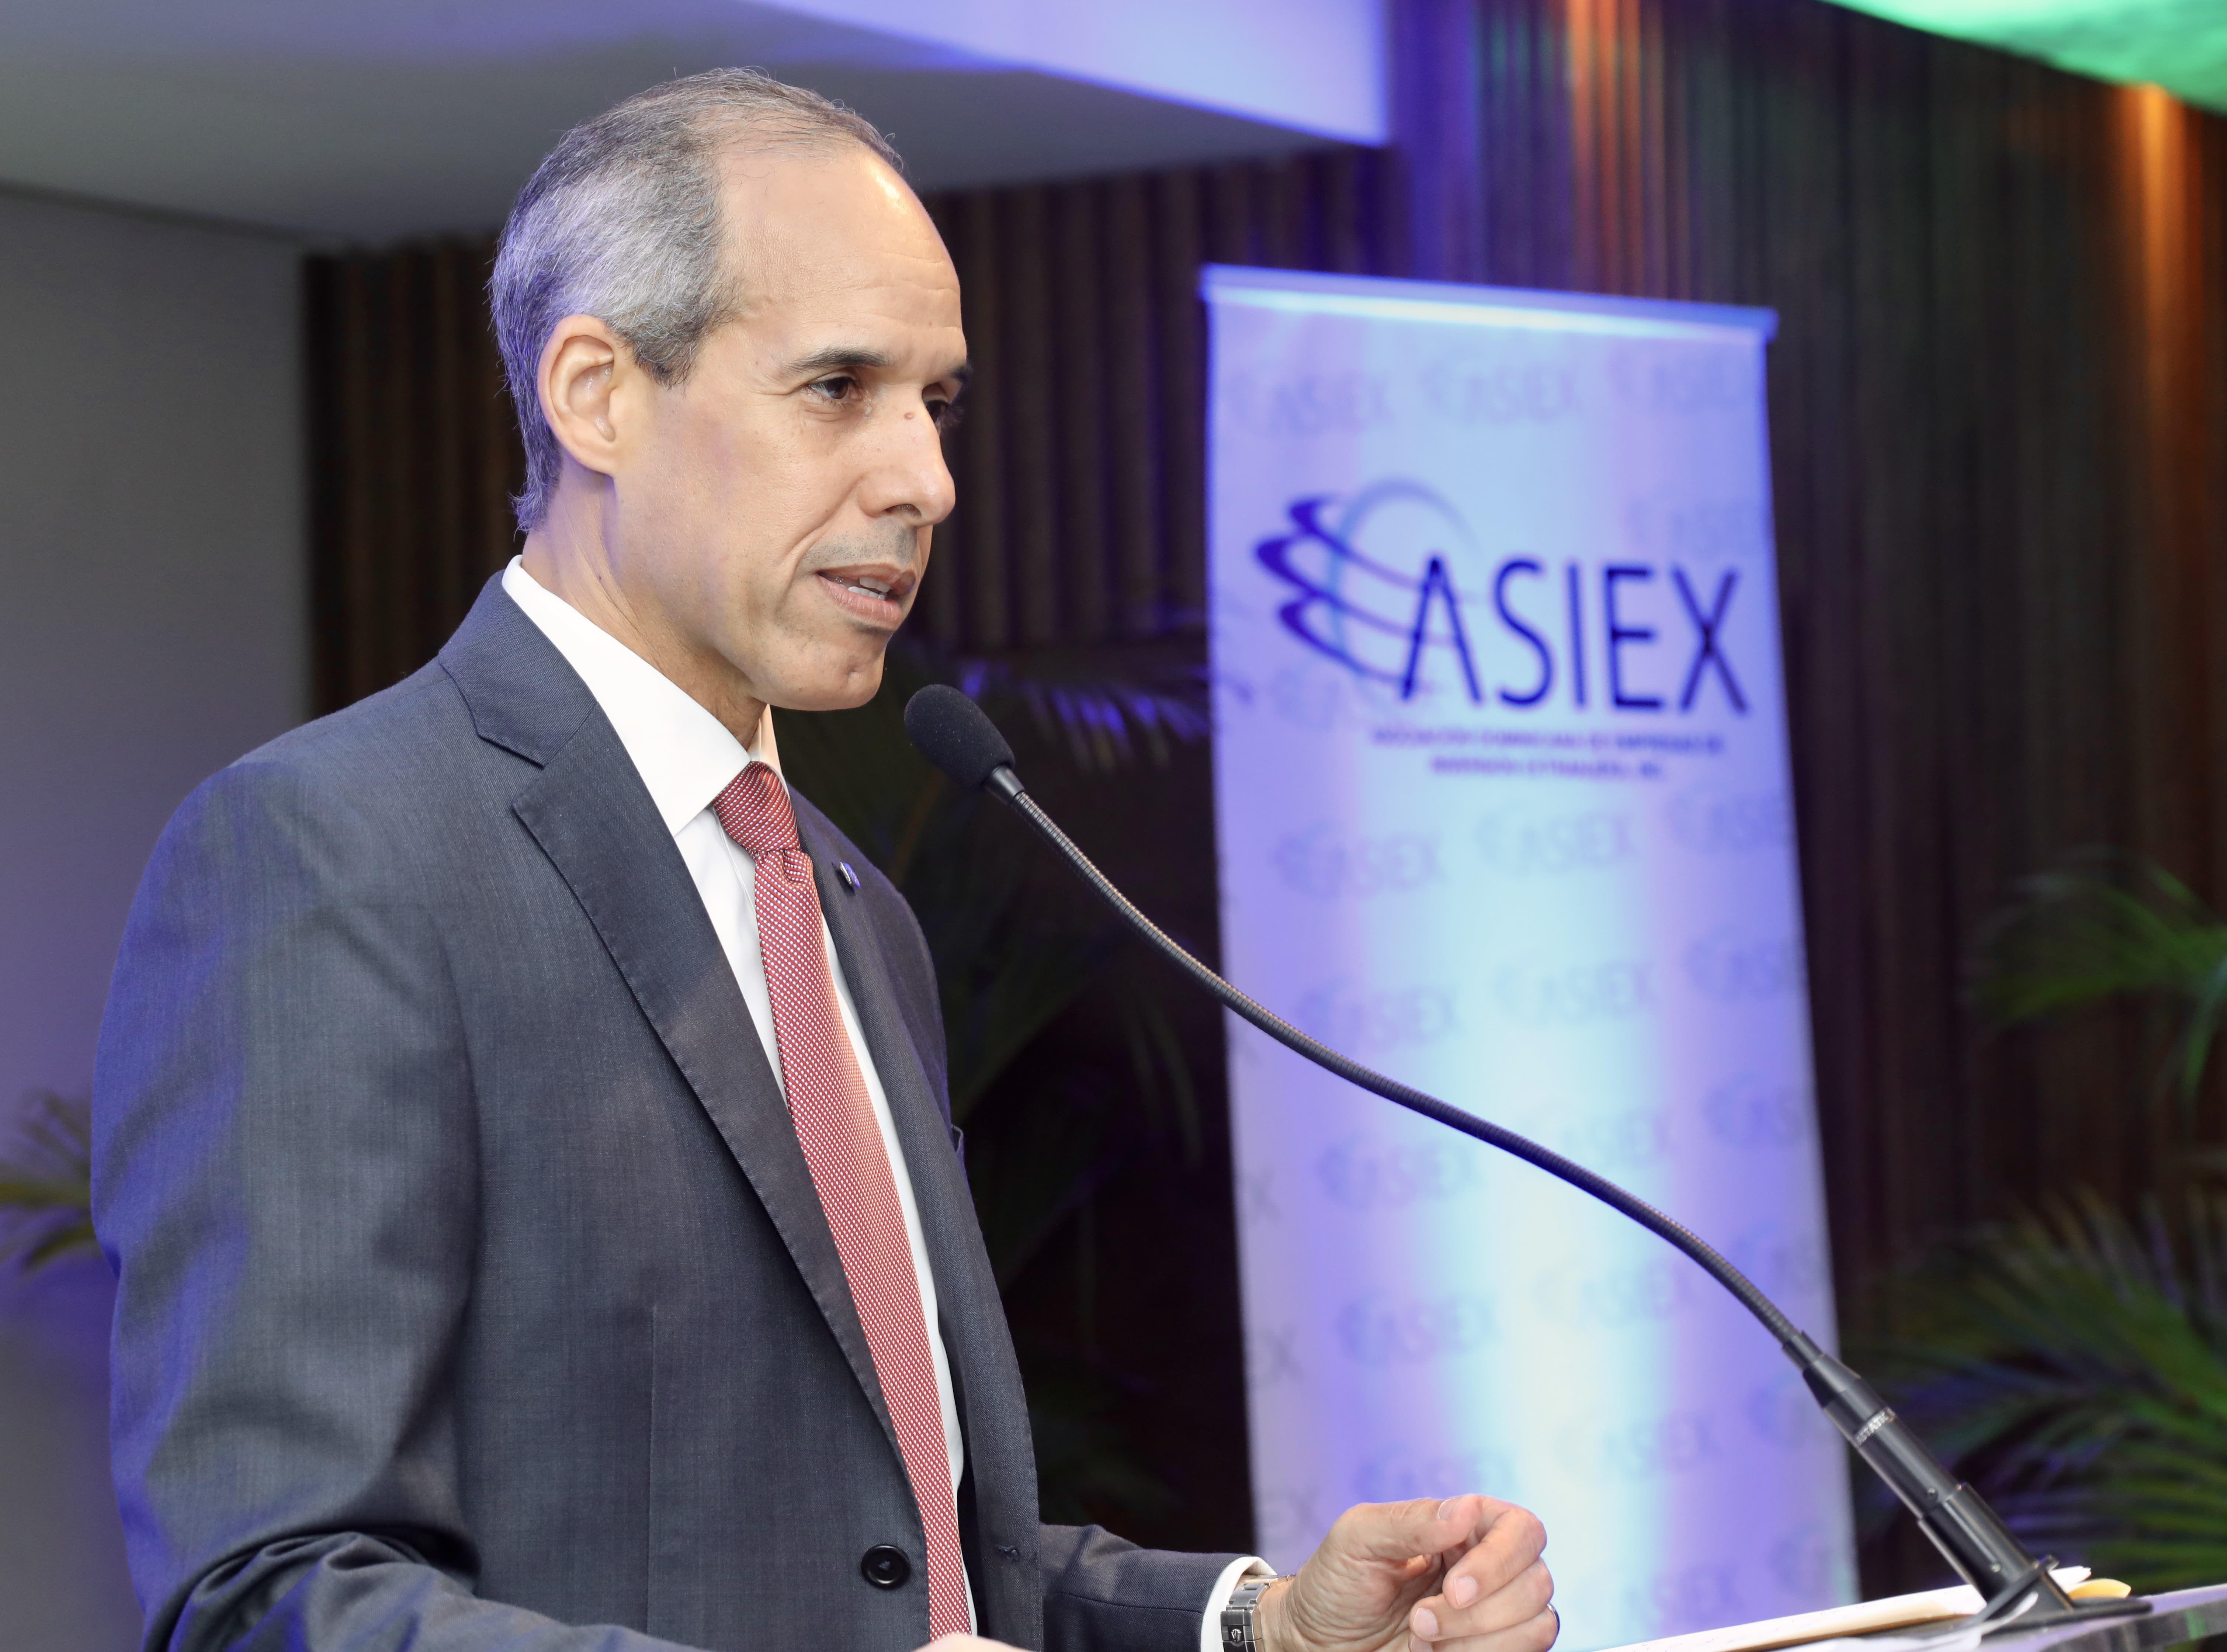 Asiex exhorta asumir con responsabilidad el reto de la reapertura económica a través del fortalecimiento de las medidas sanitarias y seguridad empresariales y del hogar